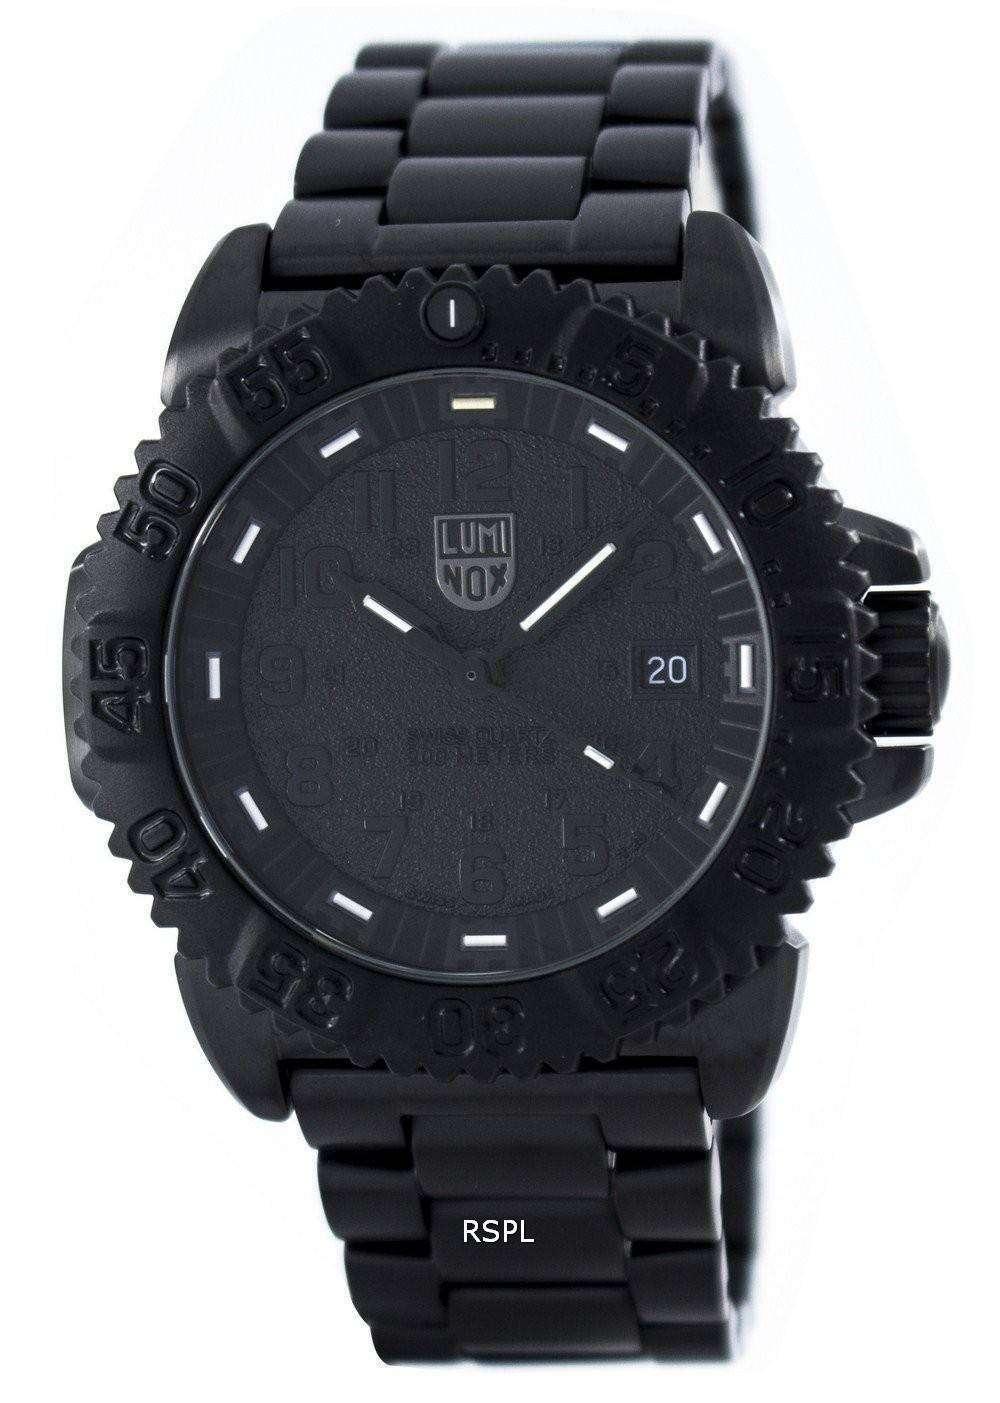 ルミノックス ネイビー シール鋼カラーマーク 3150 シリーズ スイスメイド 200 M XS.3152.BO.NV メンズ腕時計